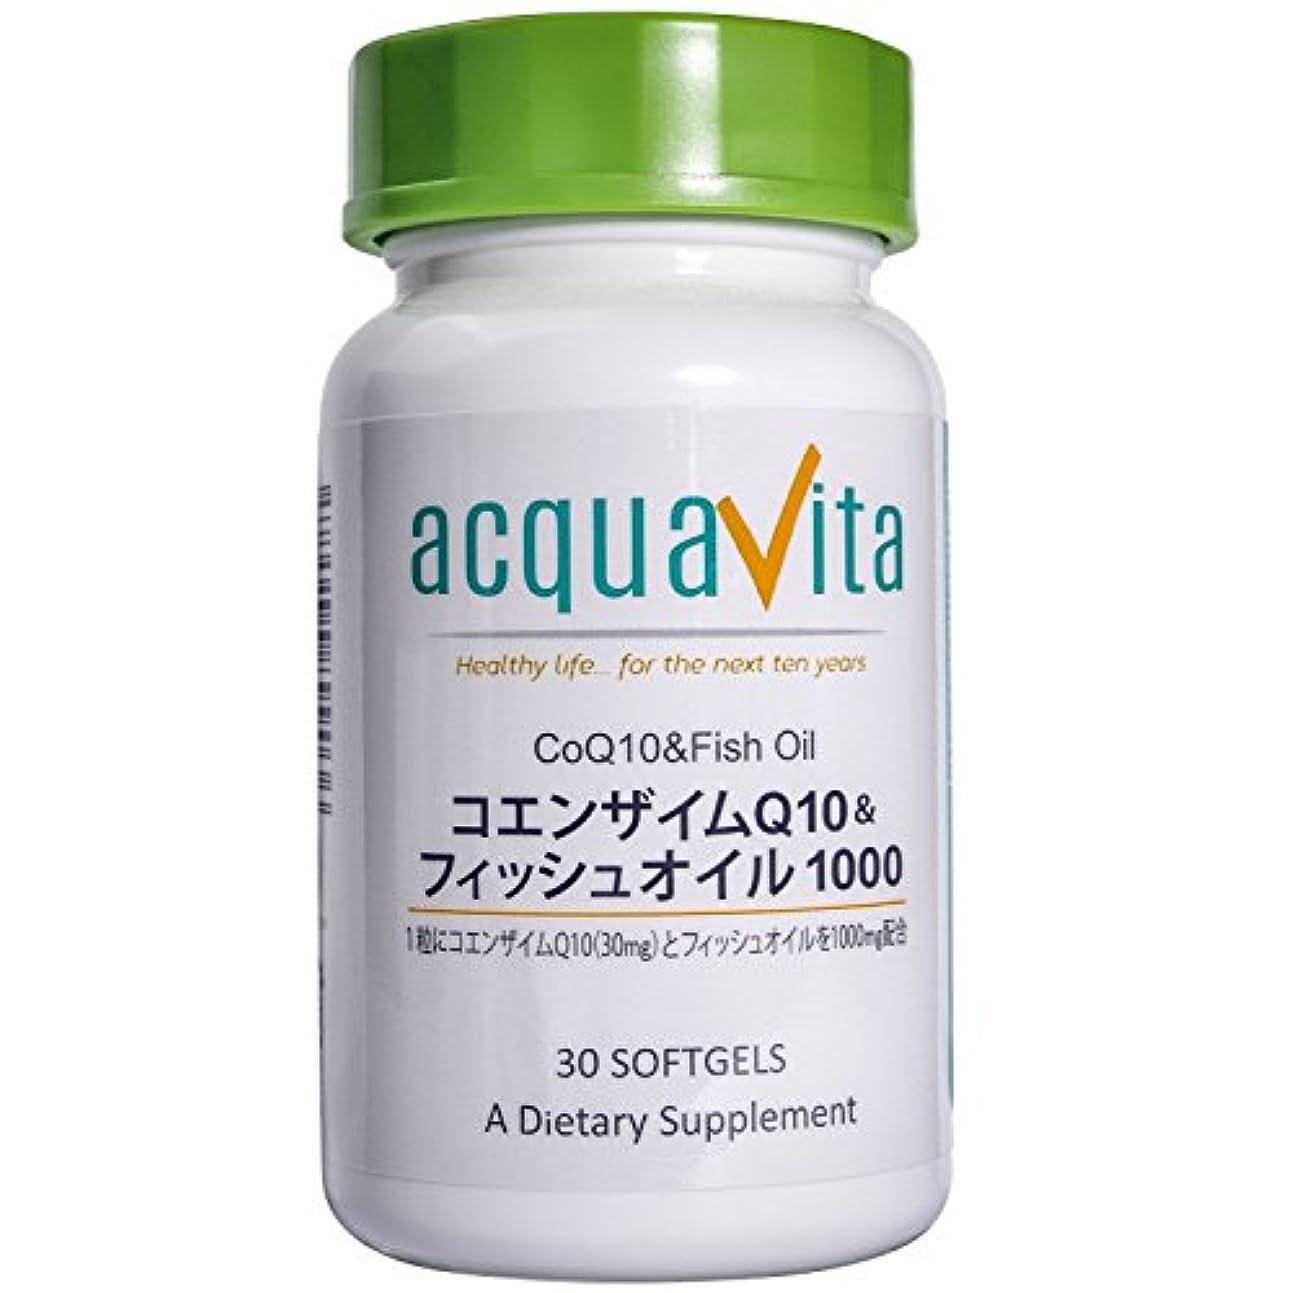 累計拘束ルアーAcqua vita(アクアヴィータ)コエンザイムQ10&フィッシュオイル1000 30粒